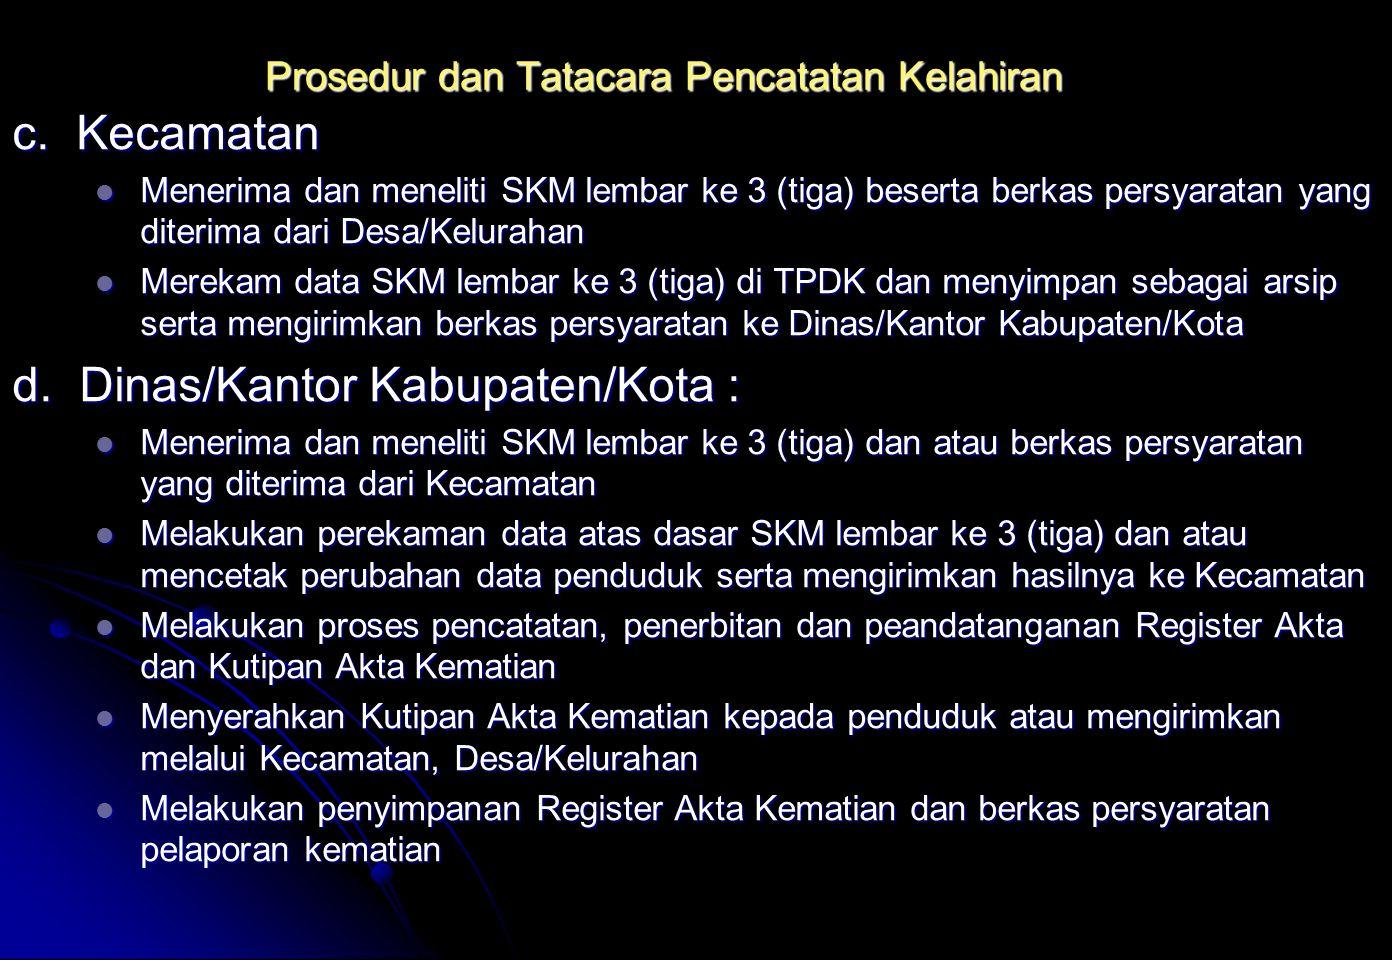 Prosedur dan Tatacara Pencatatan Kelahiran c. Kecamatan Menerima dan meneliti SKM lembar ke 3 (tiga) beserta berkas persyaratan yang diterima dari Des